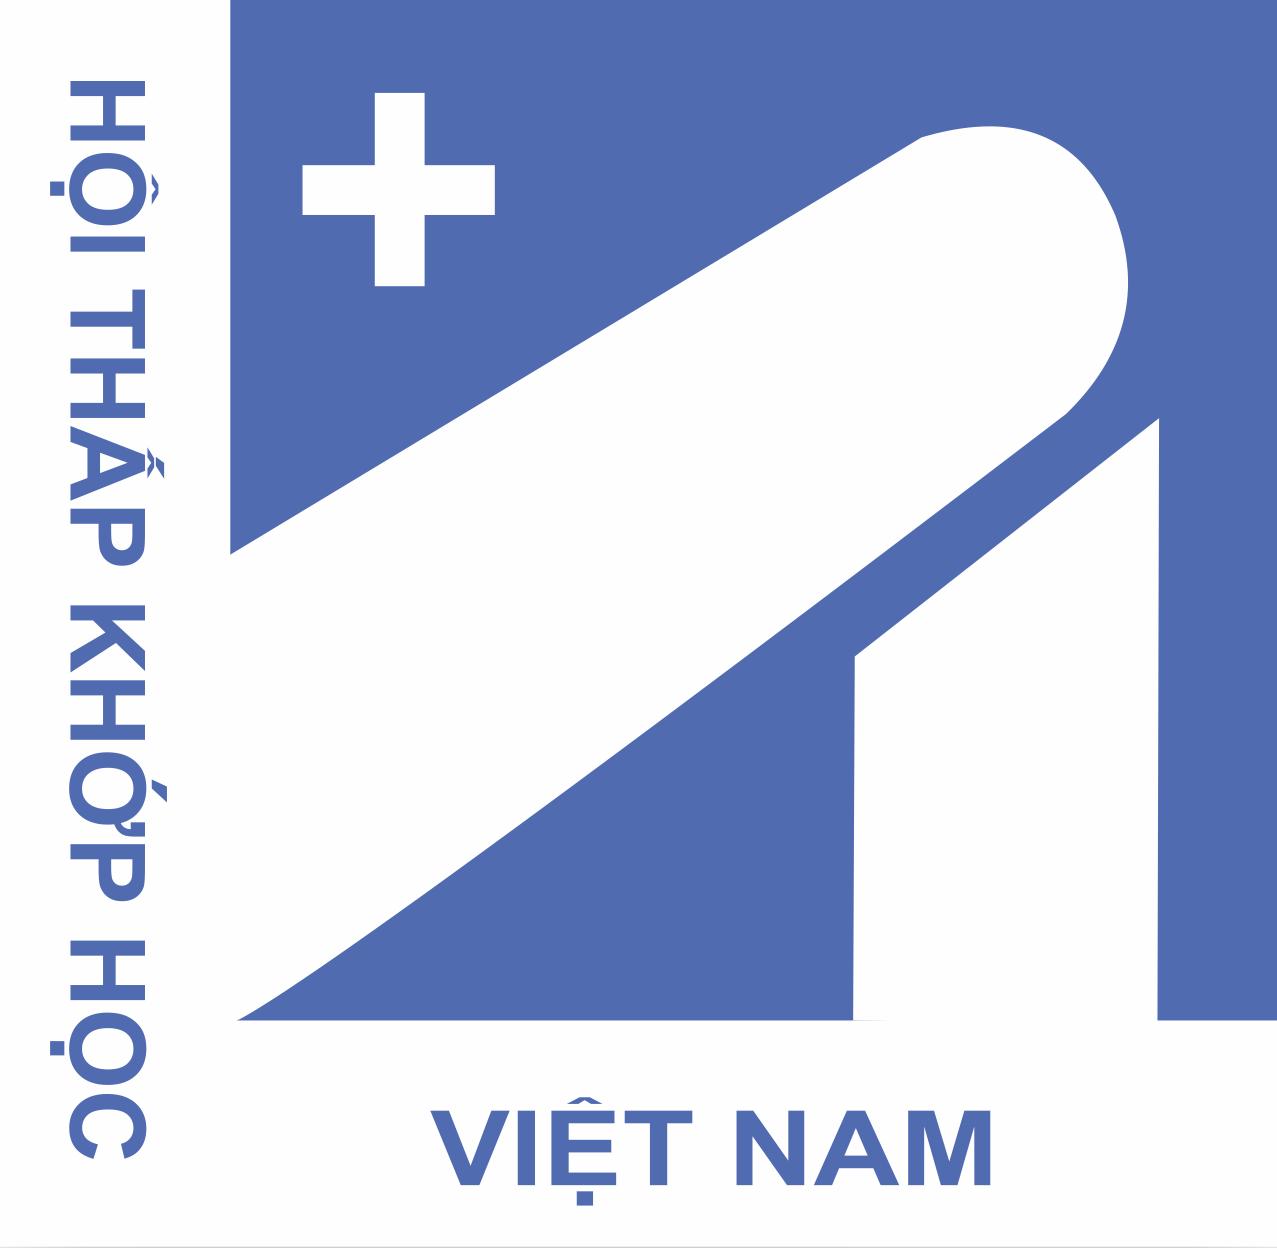 Hội thấp khớp học Việt Nam